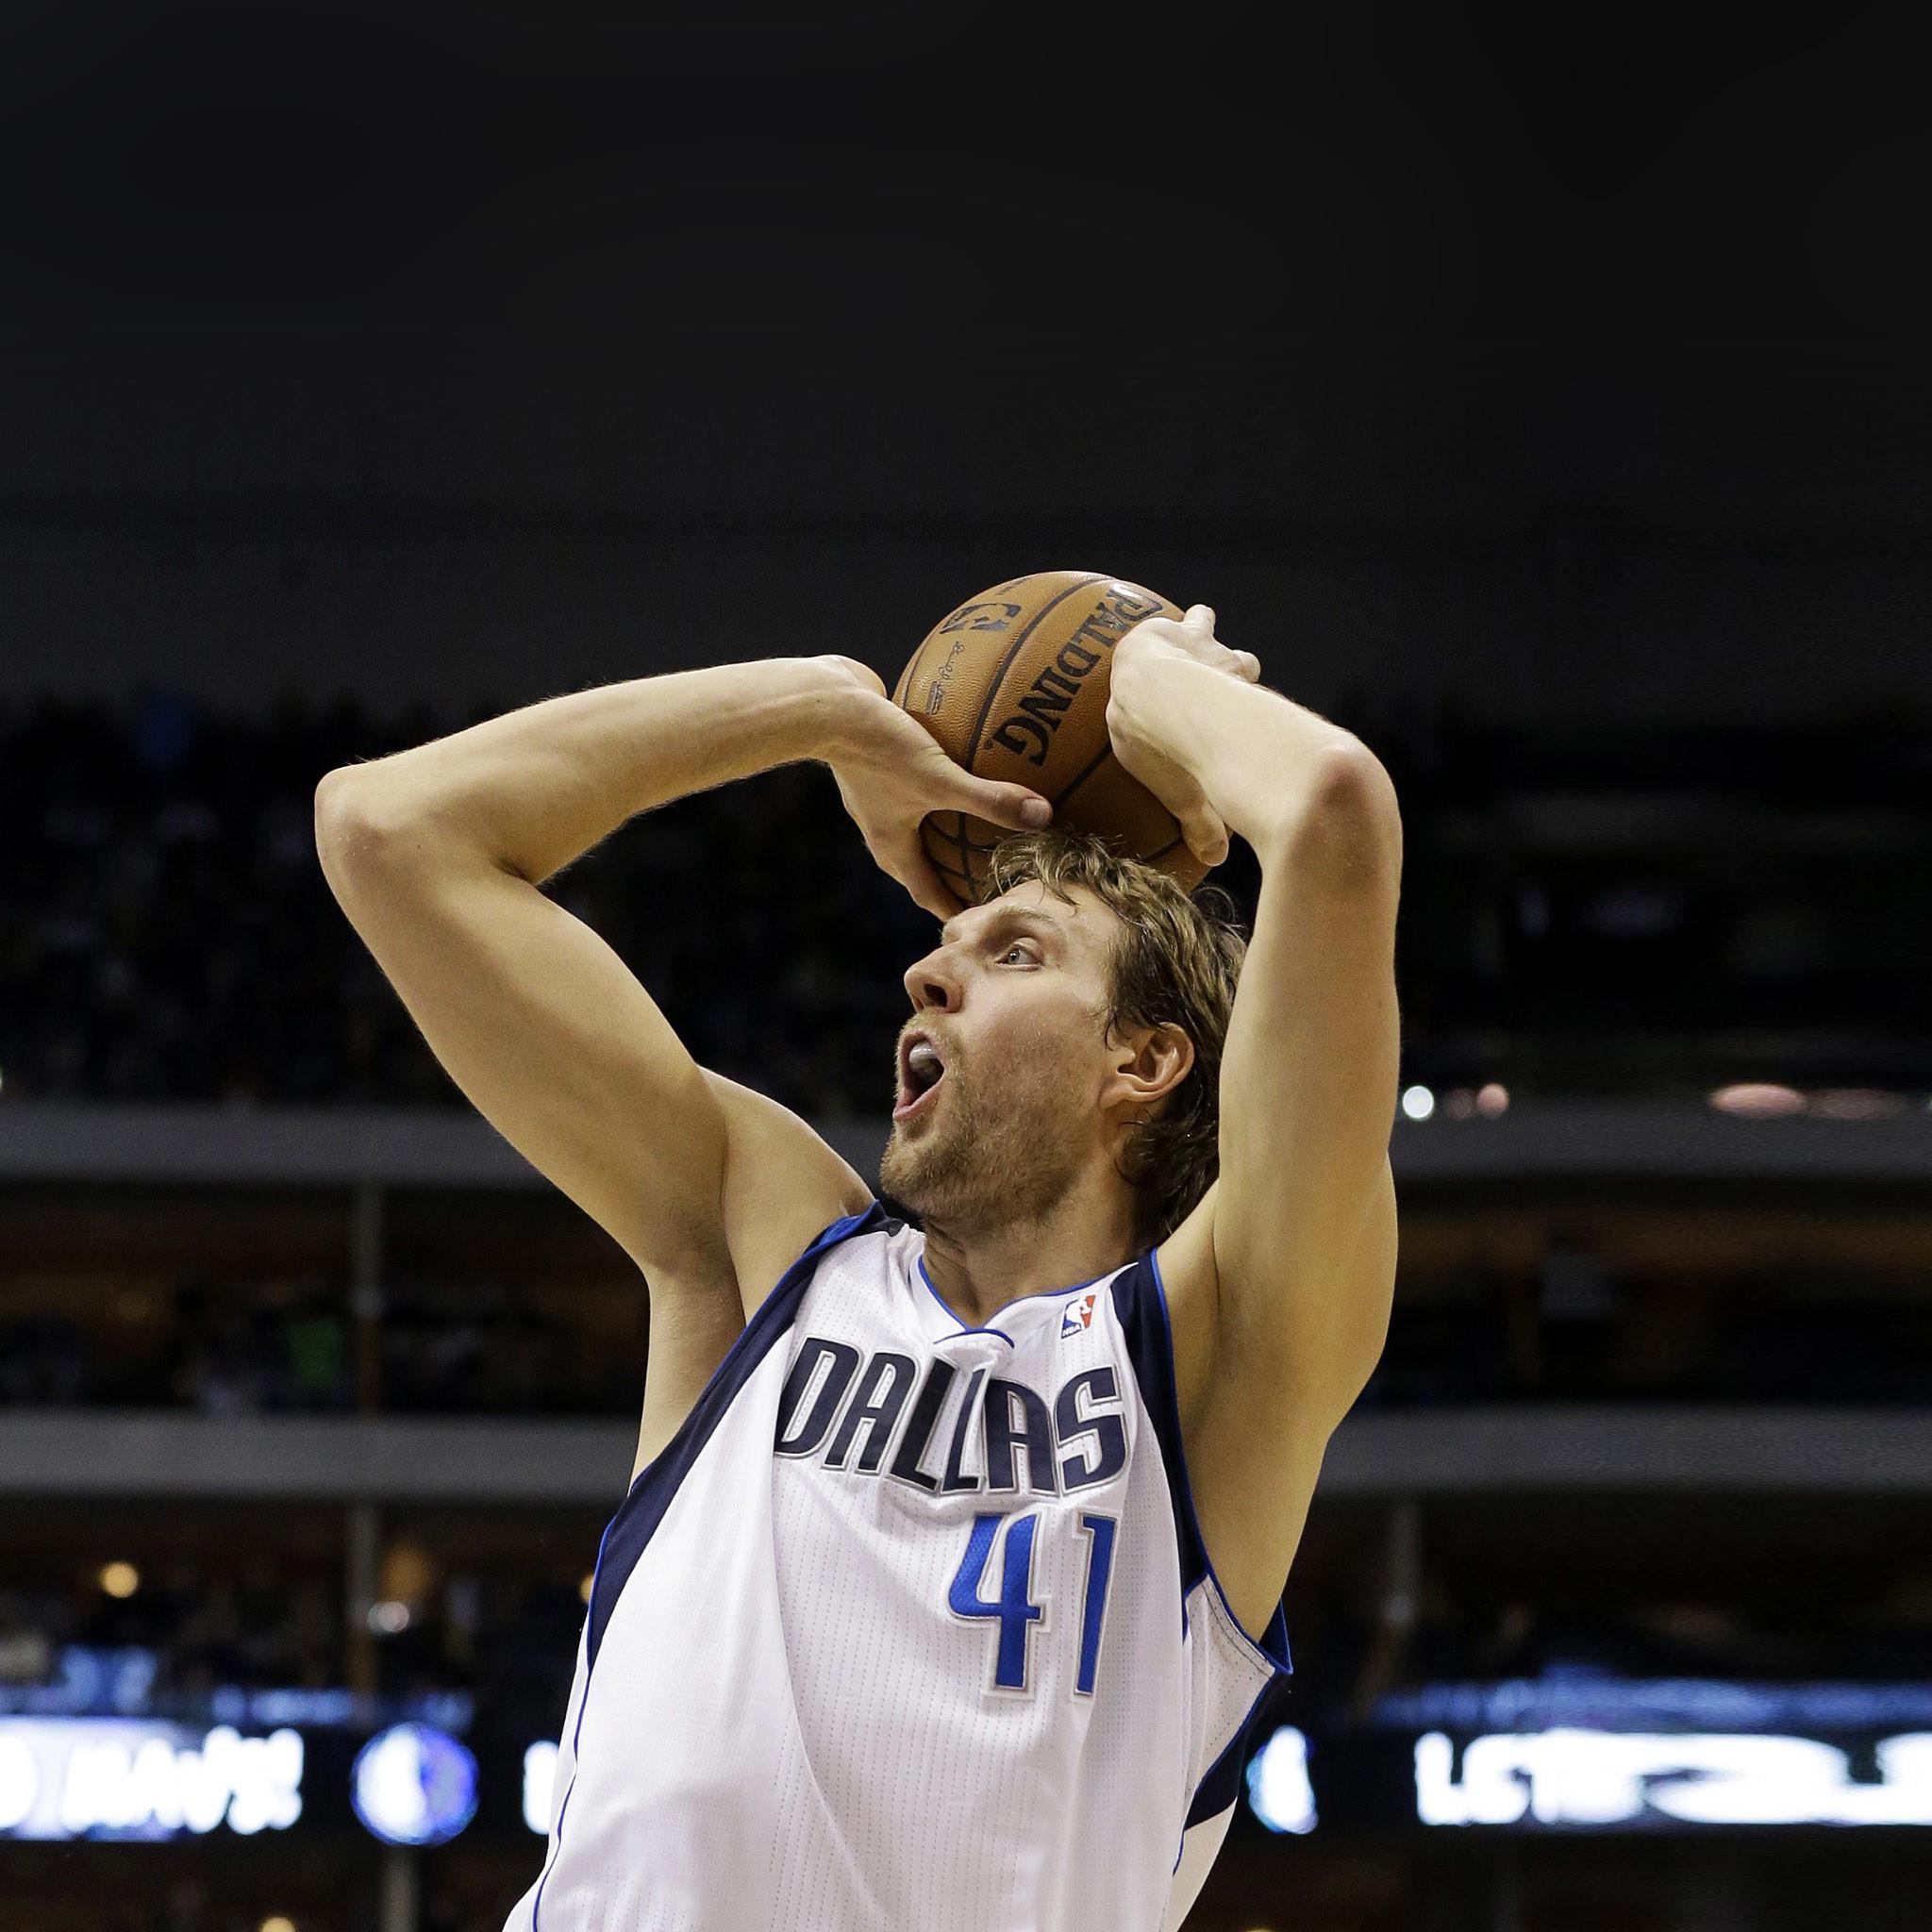 Dirk Nowitzki Würzburg 19 juni 1978 is een Duitse beroepsbasketbalspeler die uitkomt in de NBA Hij speelt voor de Dallas Mavericks De Duitser is 2m13 groot en